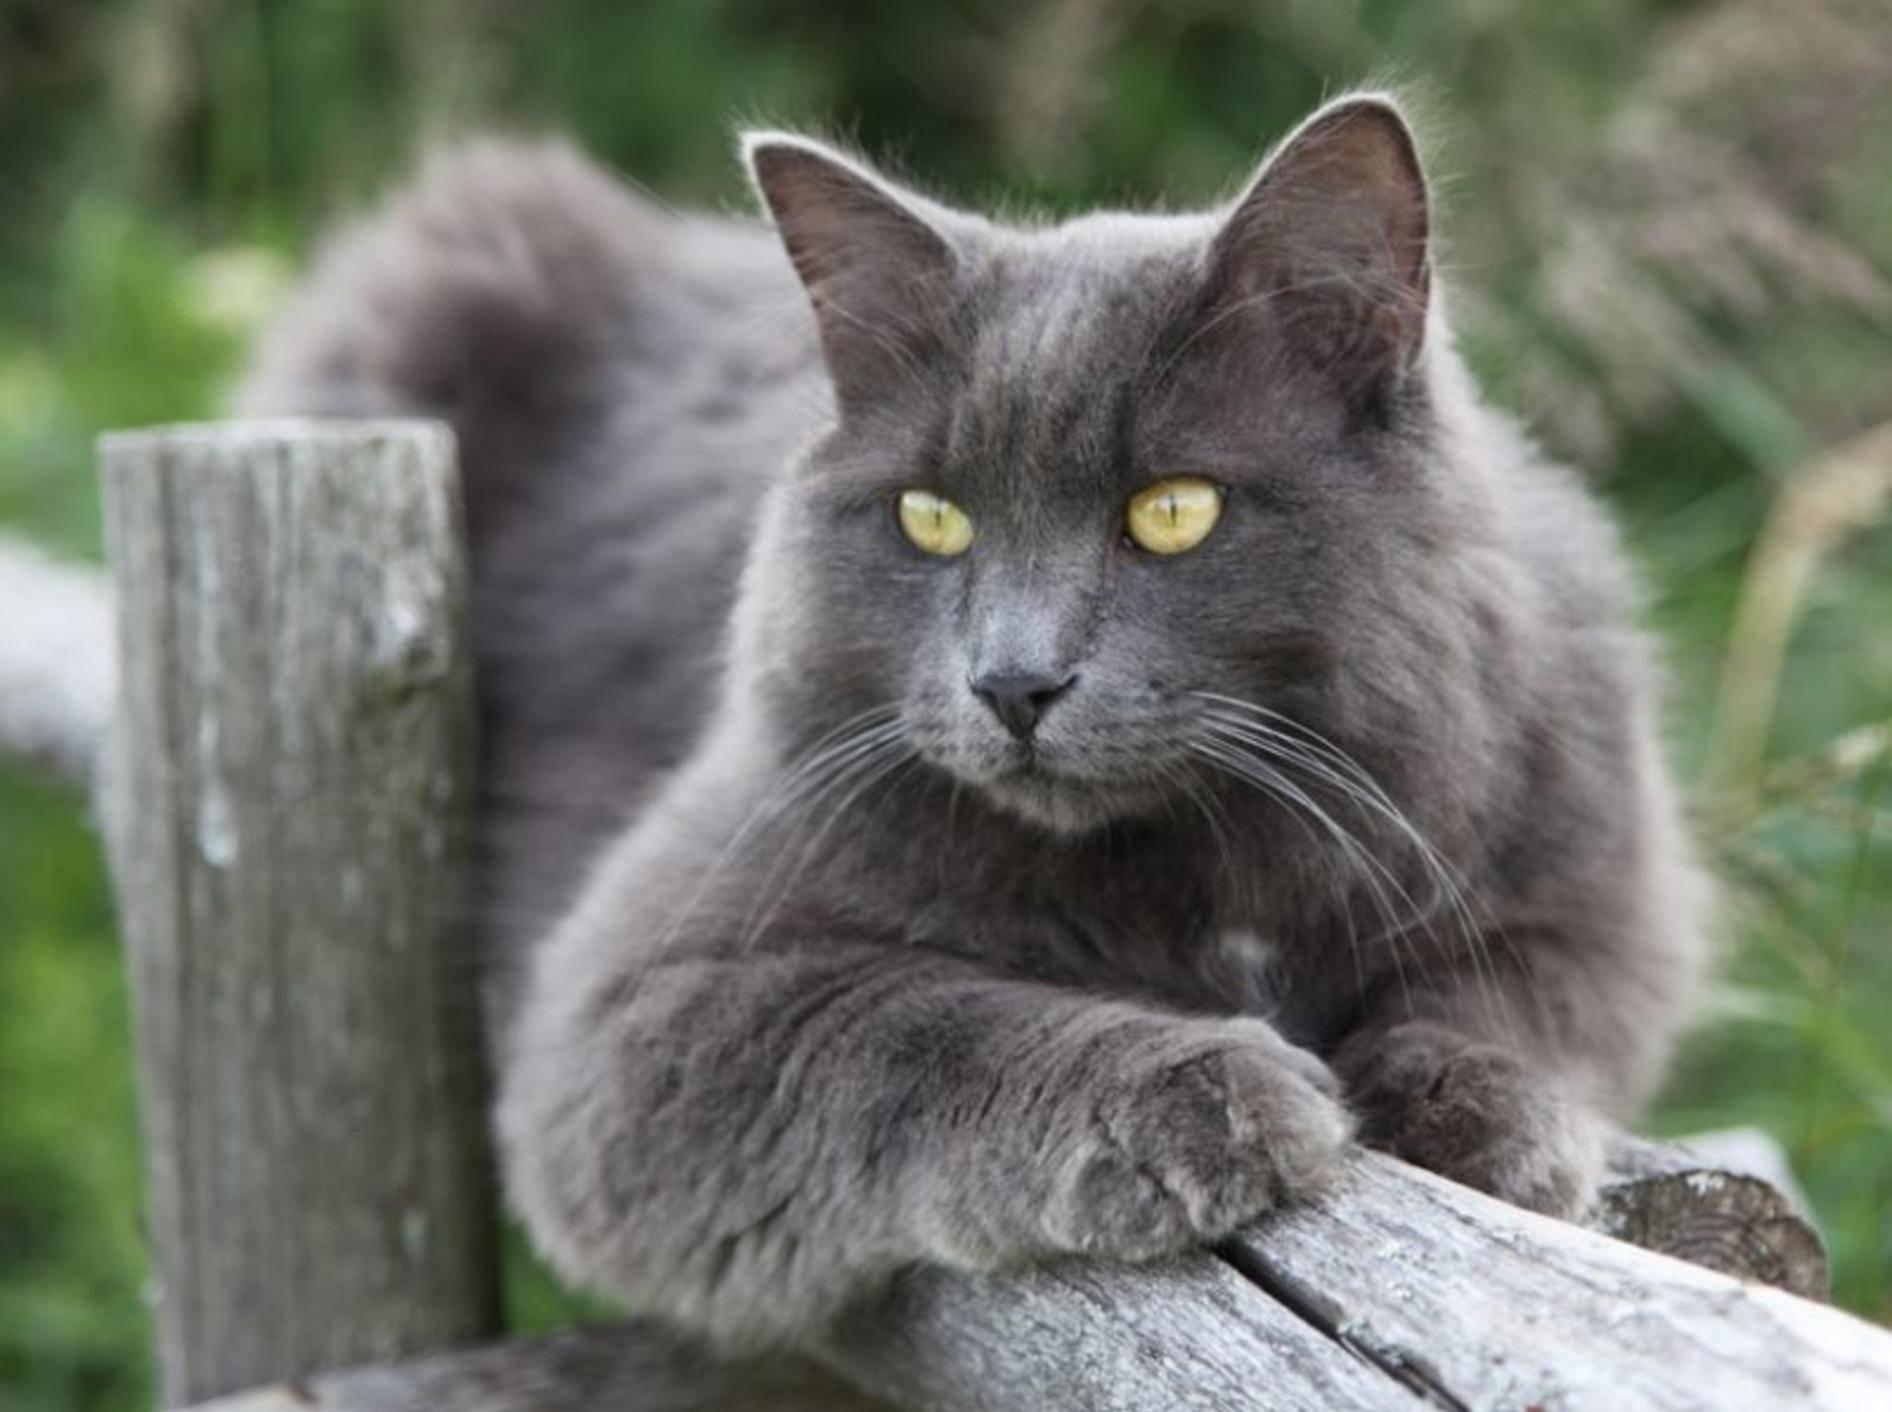 Traumhaftes Aussehen, zartes Wesen: Die Nebelung Katze – Bild: Shutterstock / Angel721